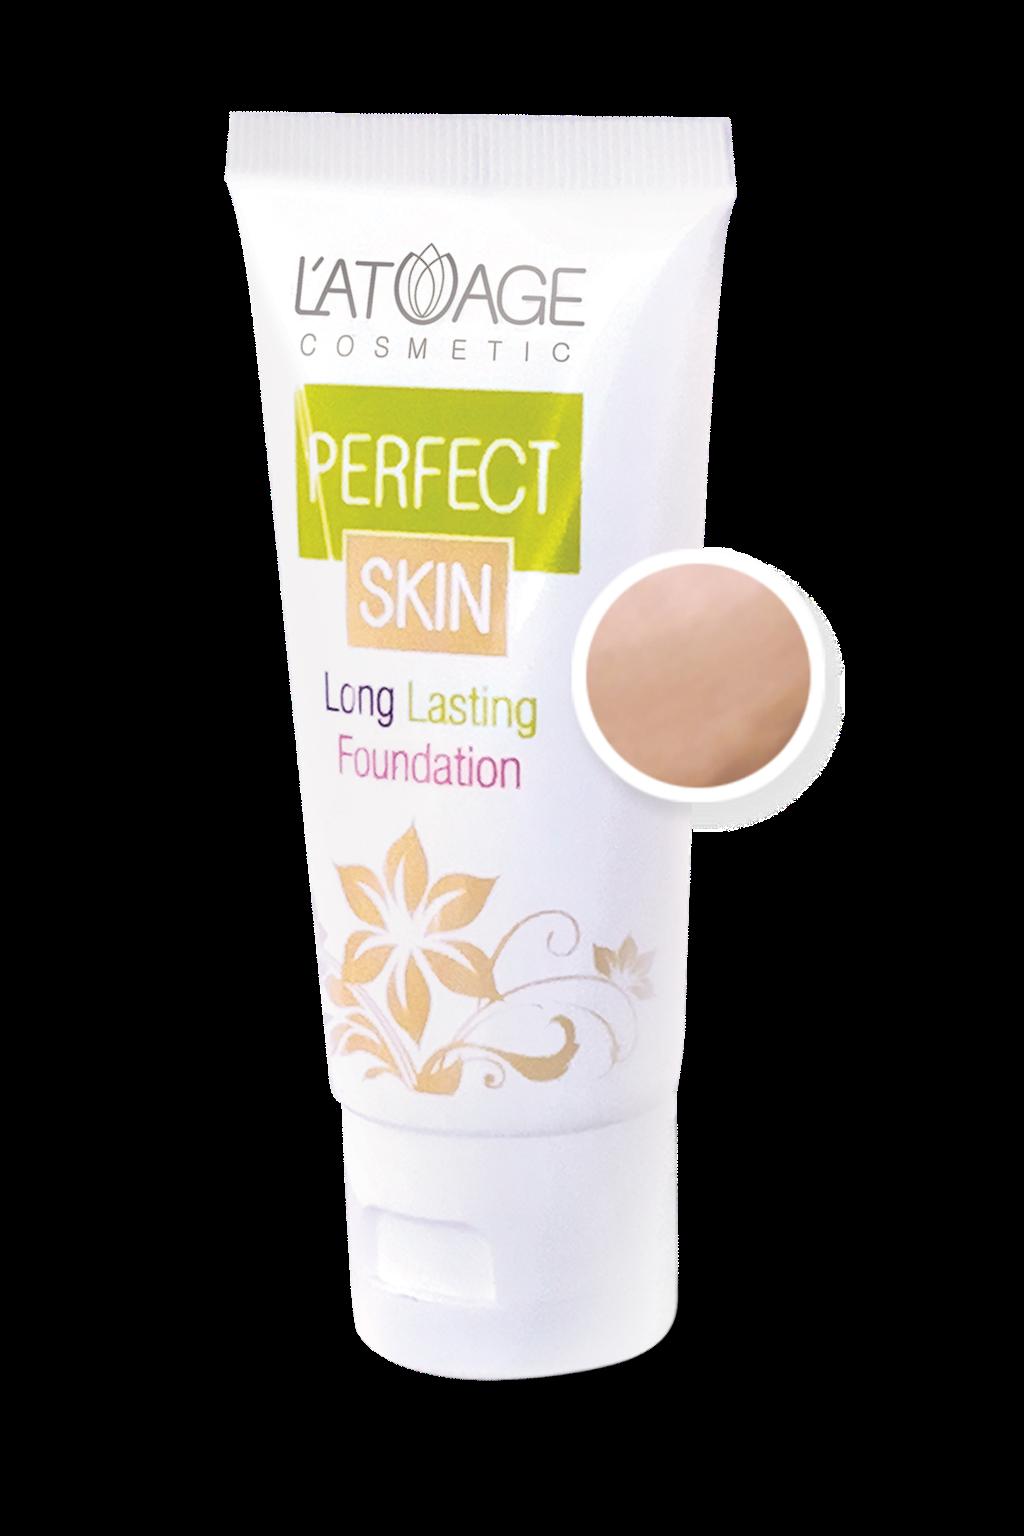 Тональный крем L'atuage Cosmetic PERFECT SKIN тон 104 песочный беж